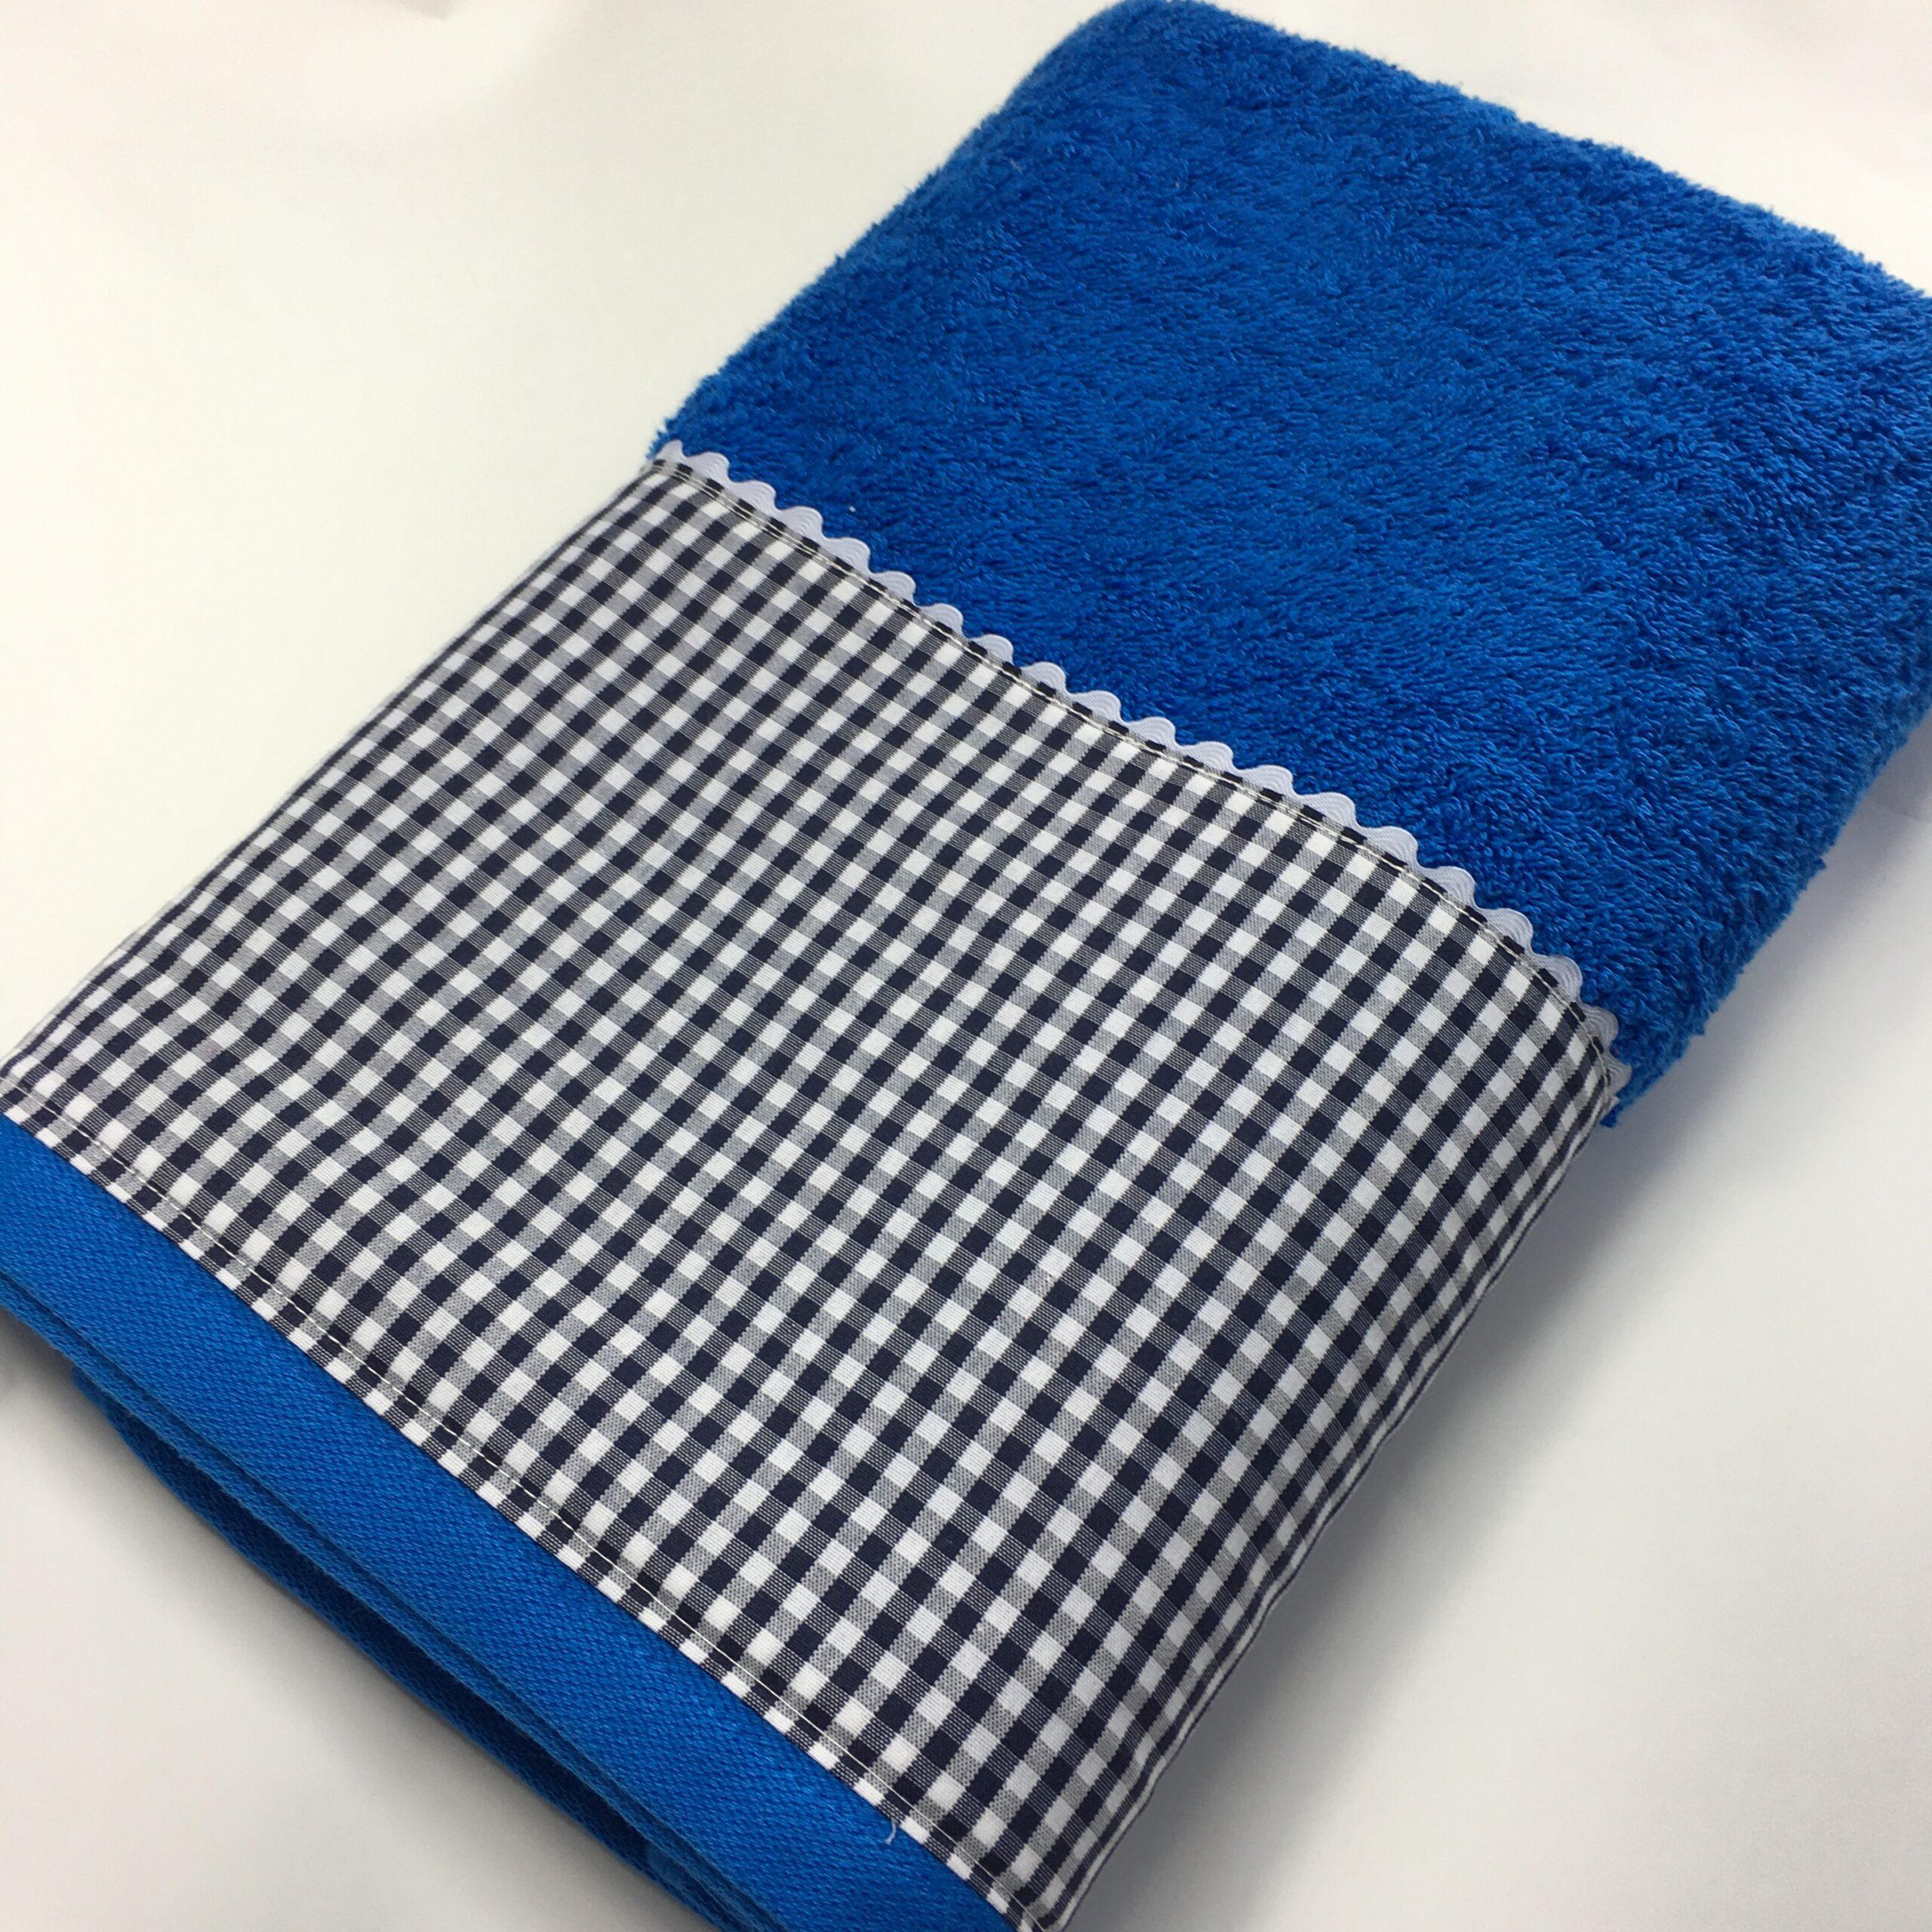 Toalla baño vichy azul